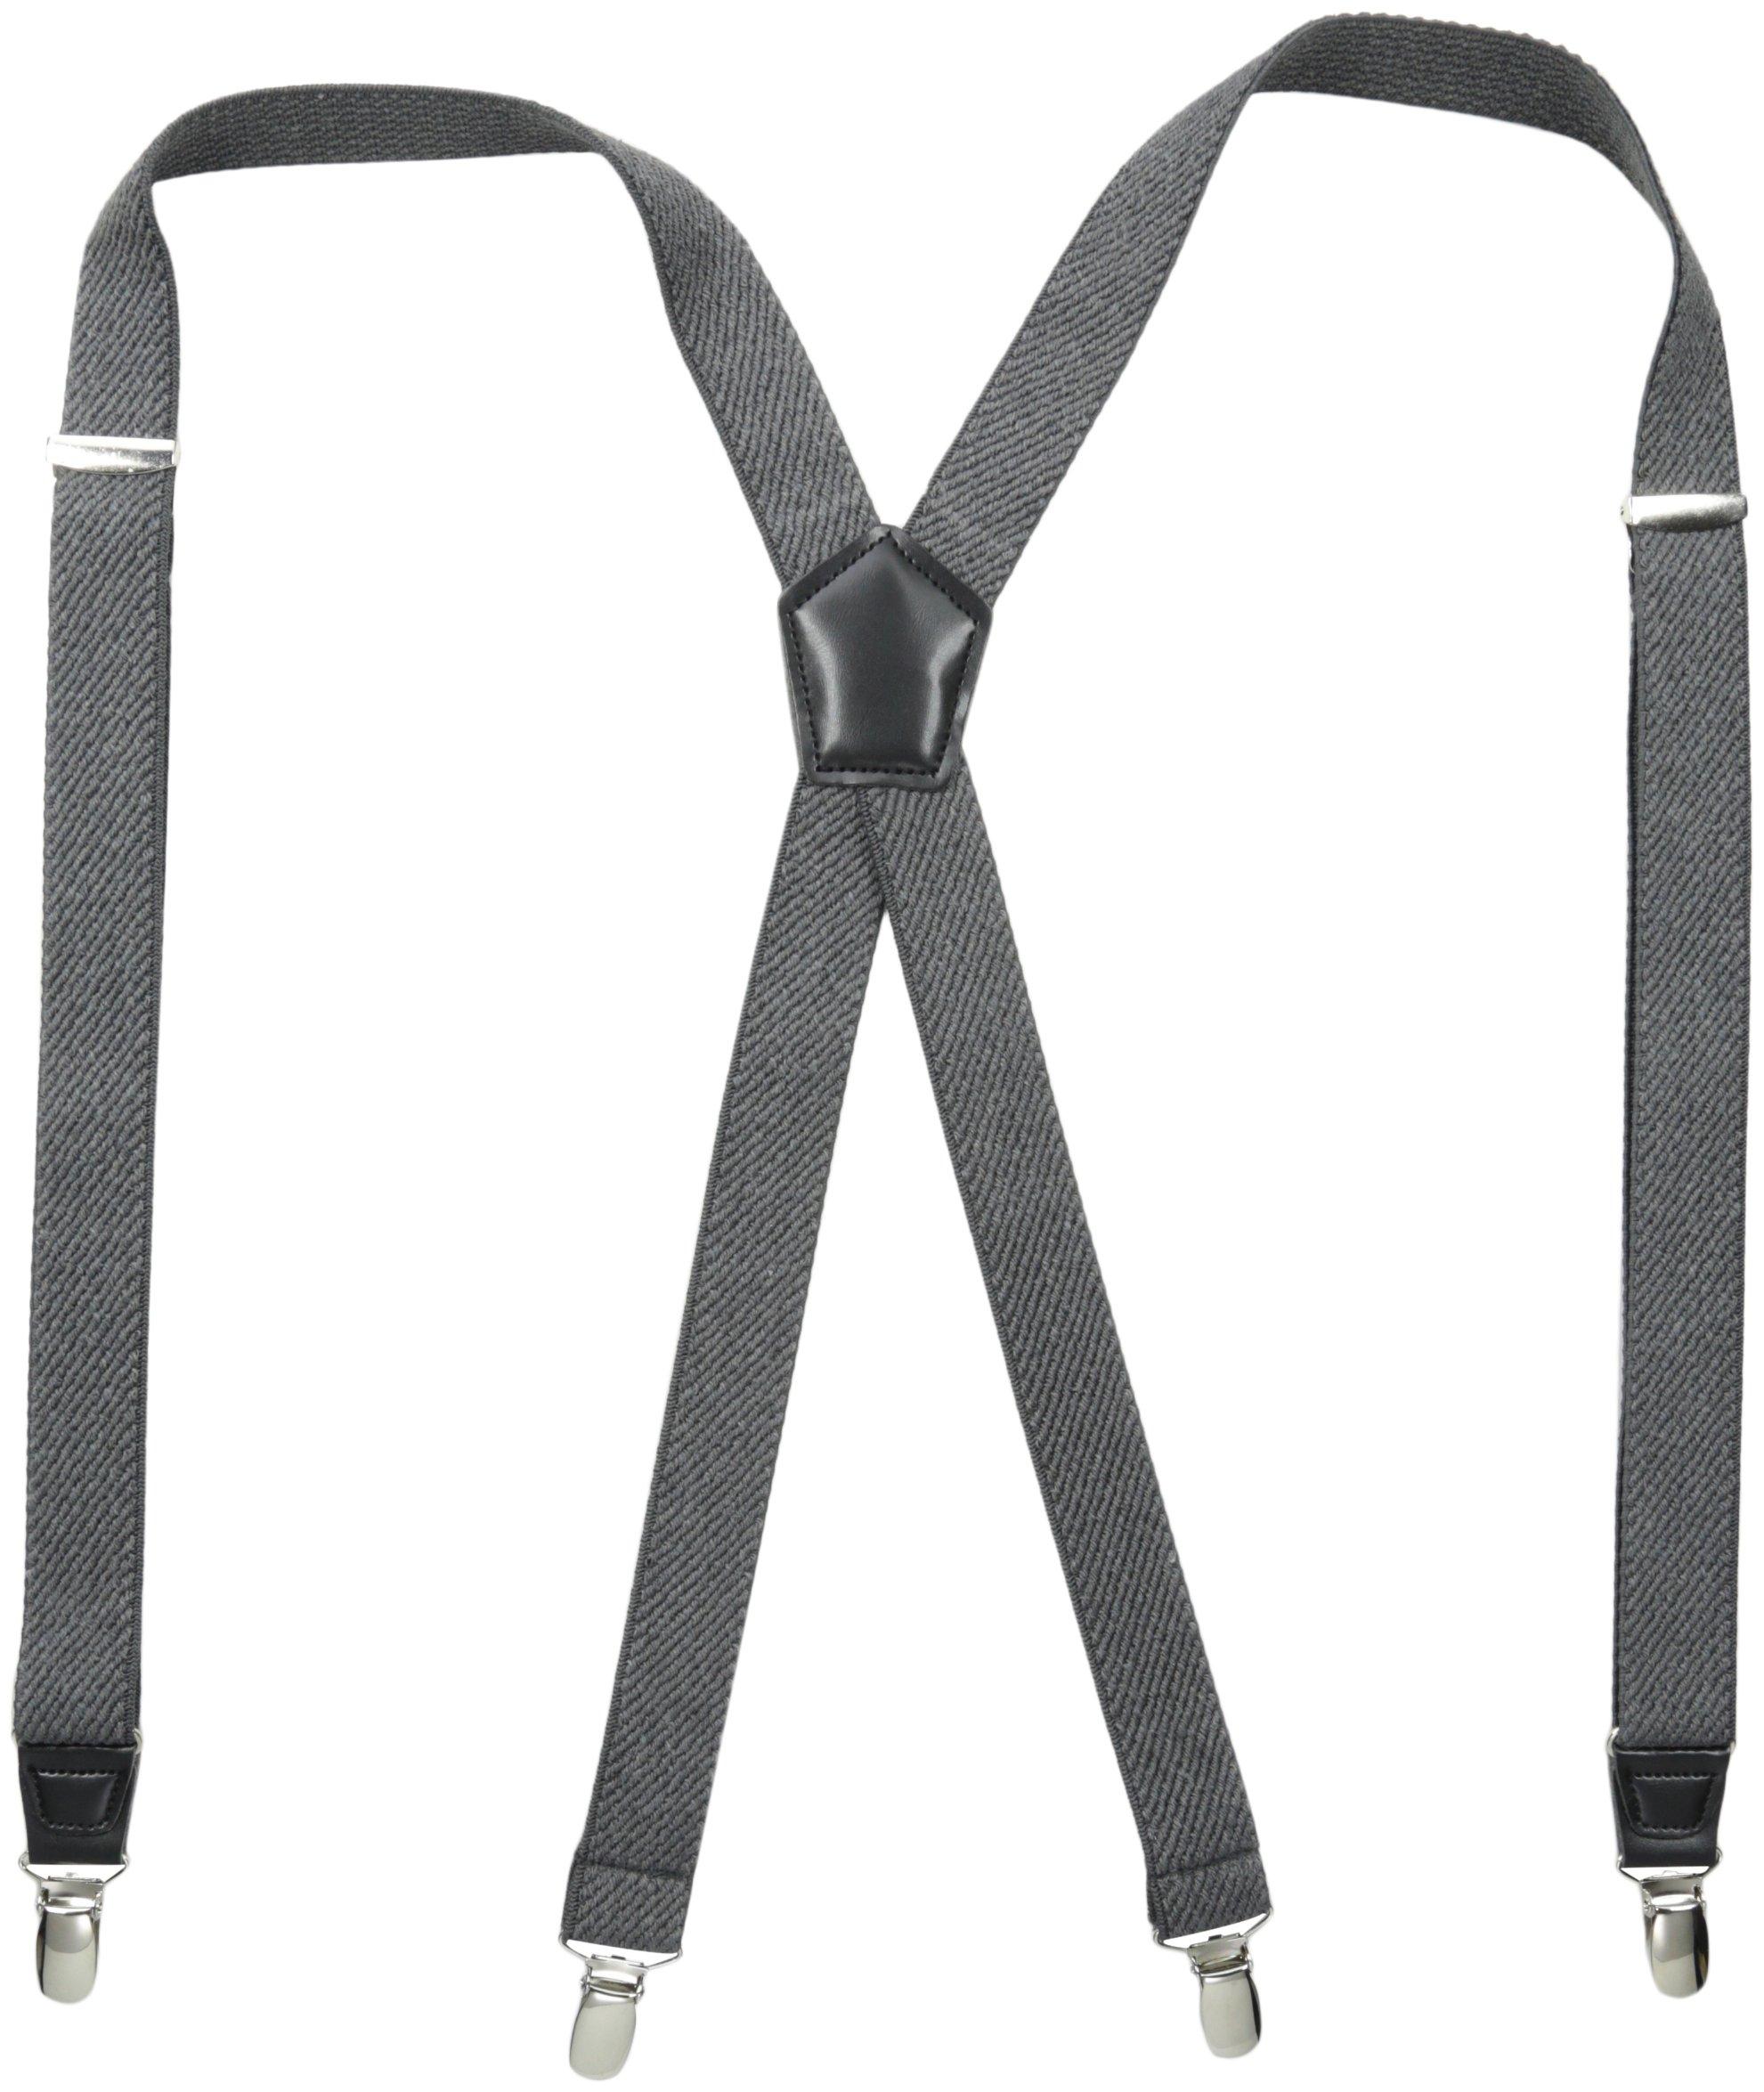 Dockers Men's Textured Solid Suspender,Gray,One Size